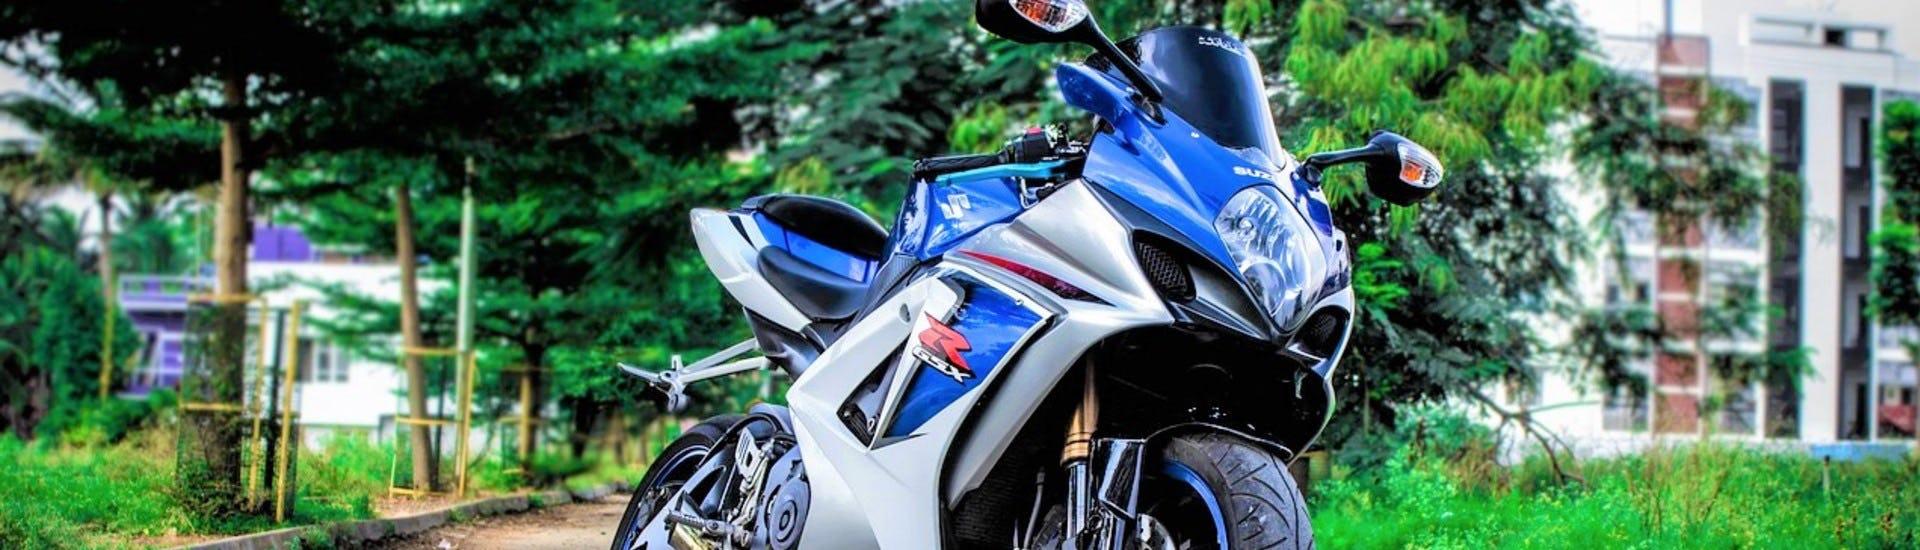 Moottoripyörälaina